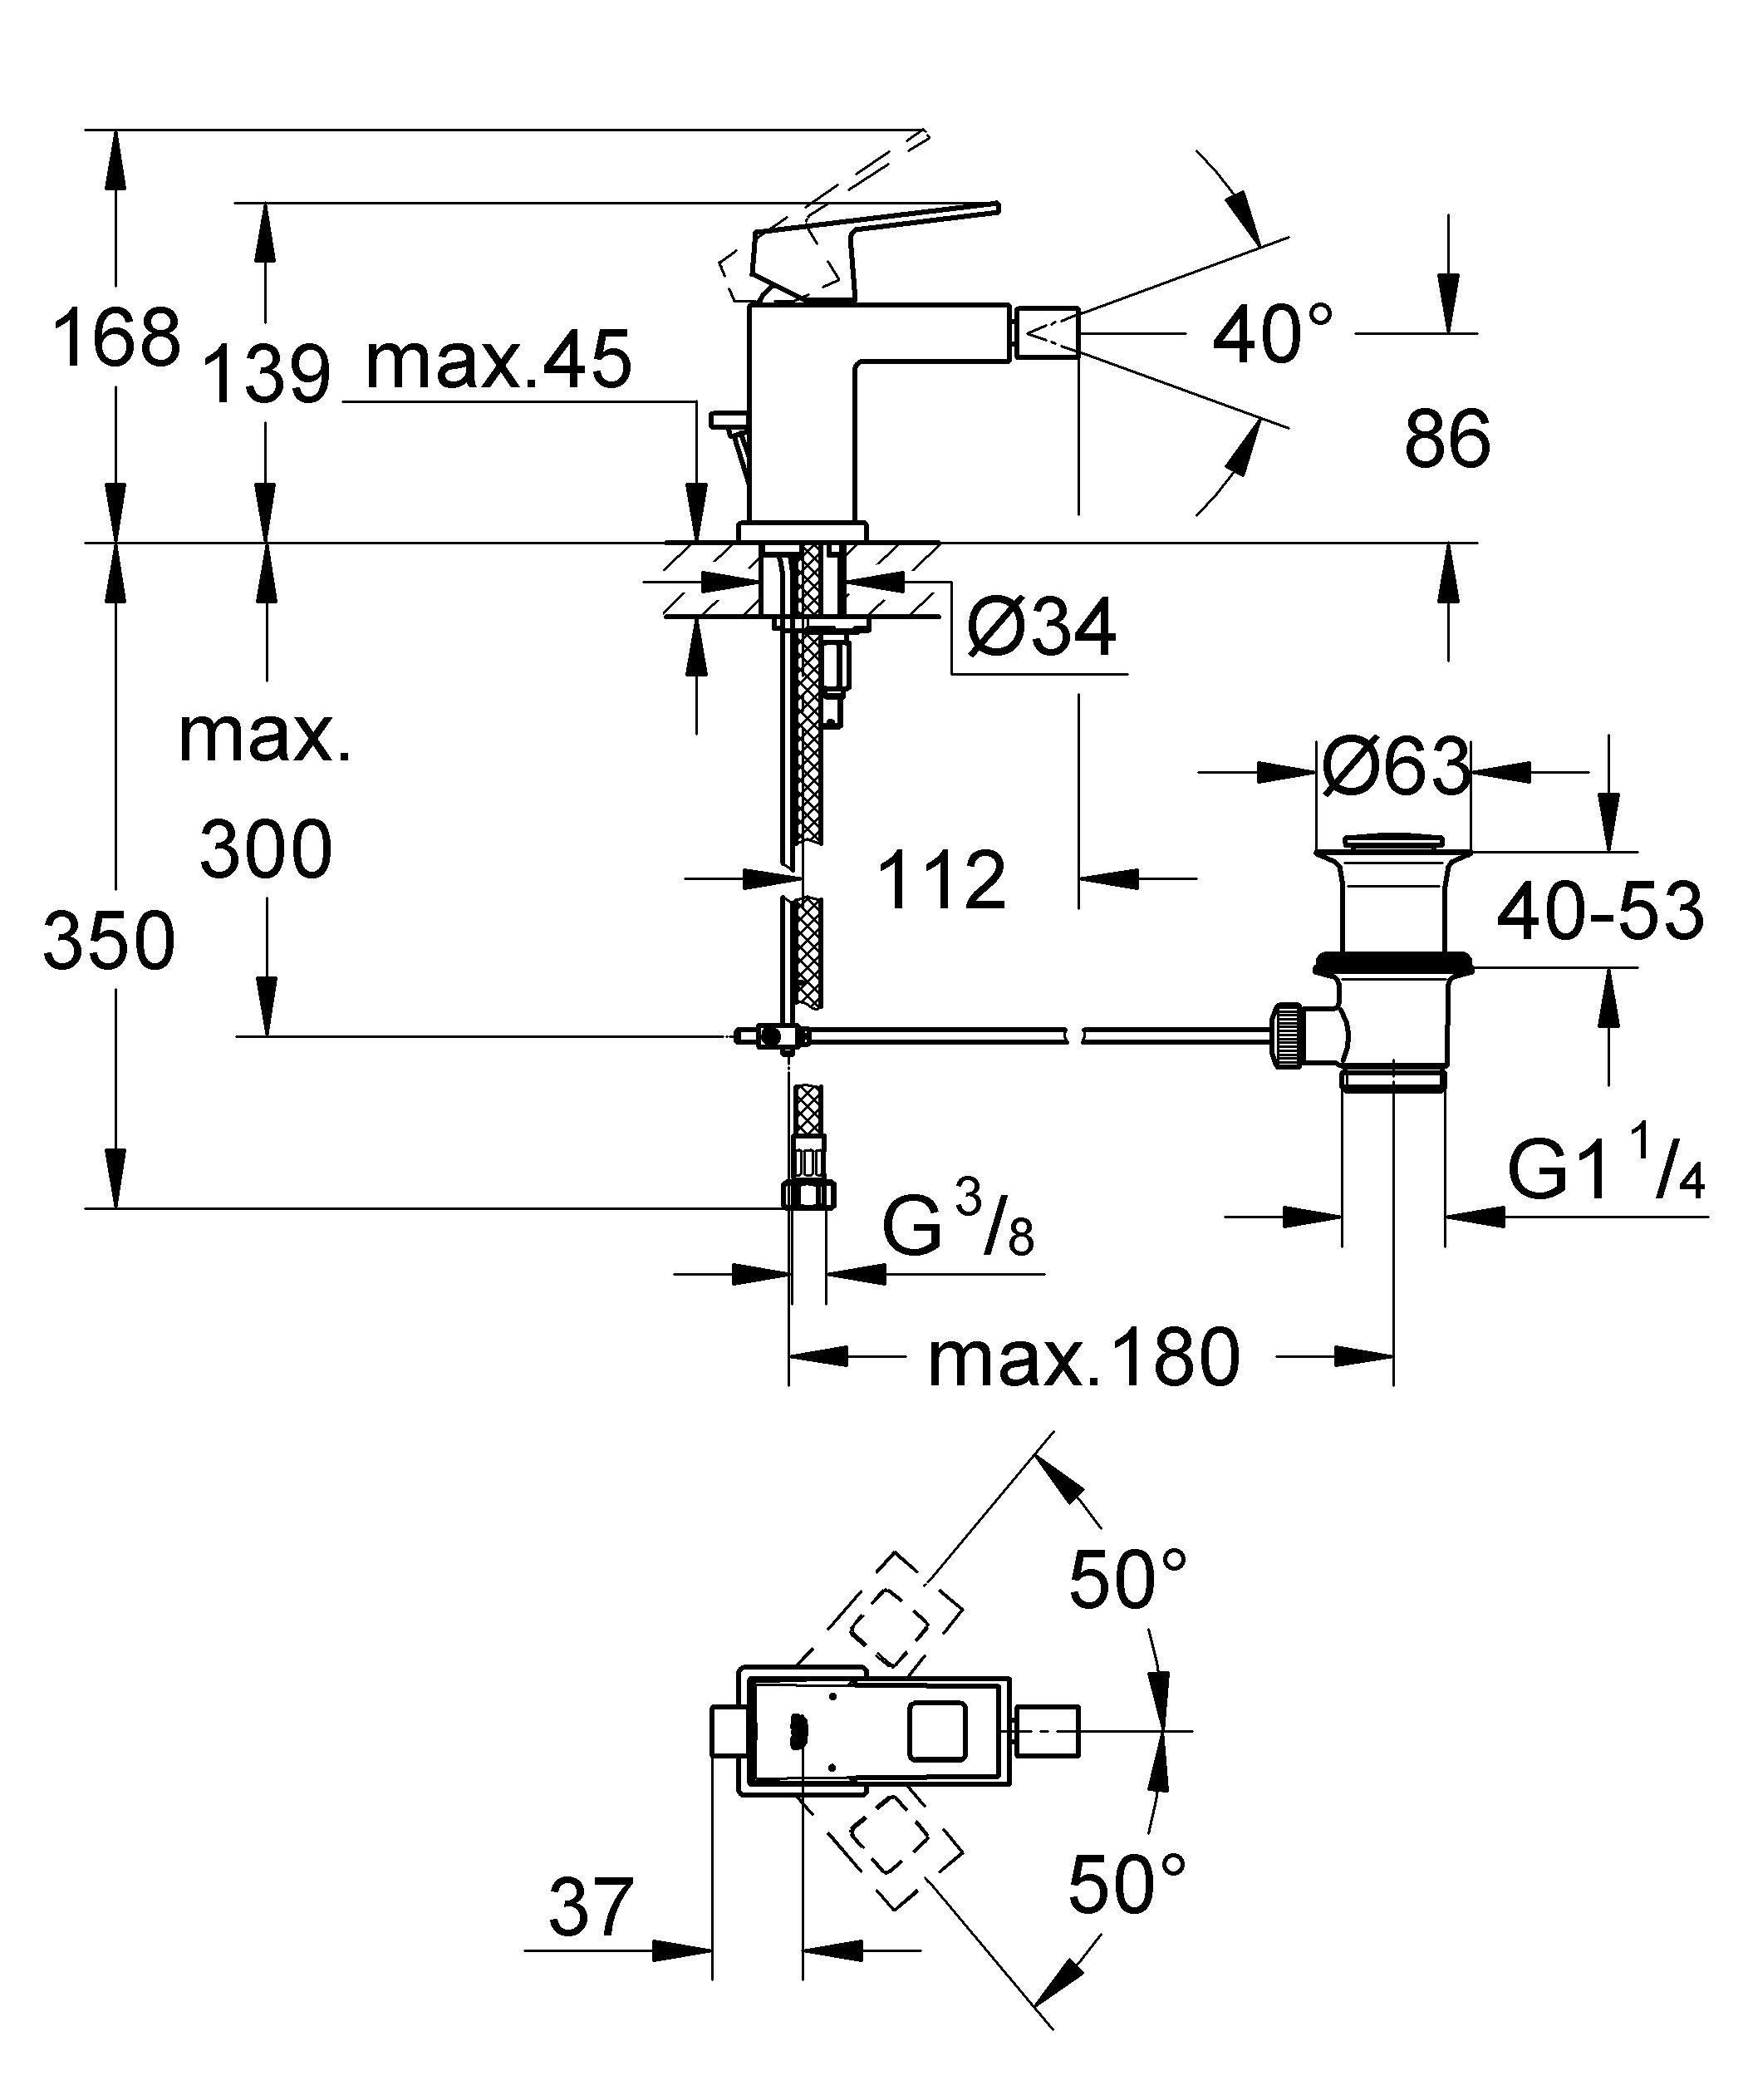 Смеситель для биде с изливом на шарнирном соединении, обеспечивающем удобство и комфорт Этот смеситель для биде из коллекции GROHE Eurocube располагает многообразием практичных функций, которые обеспечат Вам комфорт при пользовании ванной комнатой. Излив на шарнирном соединении позволит Вам точно контролировать направление струи воды, а встроенный в смеситель подъемный шток – легко открывать и закрывать сливной клапан. В конструкции данного однорычажного смесителя применяется технология GROHE SilkMove, которая обеспечивает плавное и не требующее усилий управление температурой и напором струи воды. Система монтажа GROHE QuickFix Plus позволит выполнить установку смесителя быстро и легко. Благодаря износостойкому хромированному покрытию GROHE StarLight Ваш смеситель сохранит свой потрясающий блеск даже после многих лет эксплуатации. Особенности:   Монтаж на одно отверстие  Металлический рычаг  GROHE SilkMove керамический картридж 28 мм  GROHE StarLight хромированная поверхность   Аэратор с шаровым шарниром  Сливной гарнитур 1 1/4?  Гибкая подводка  Монтажная система GROHE QuickFix™ Plus  Ограничитель температуры  хром.